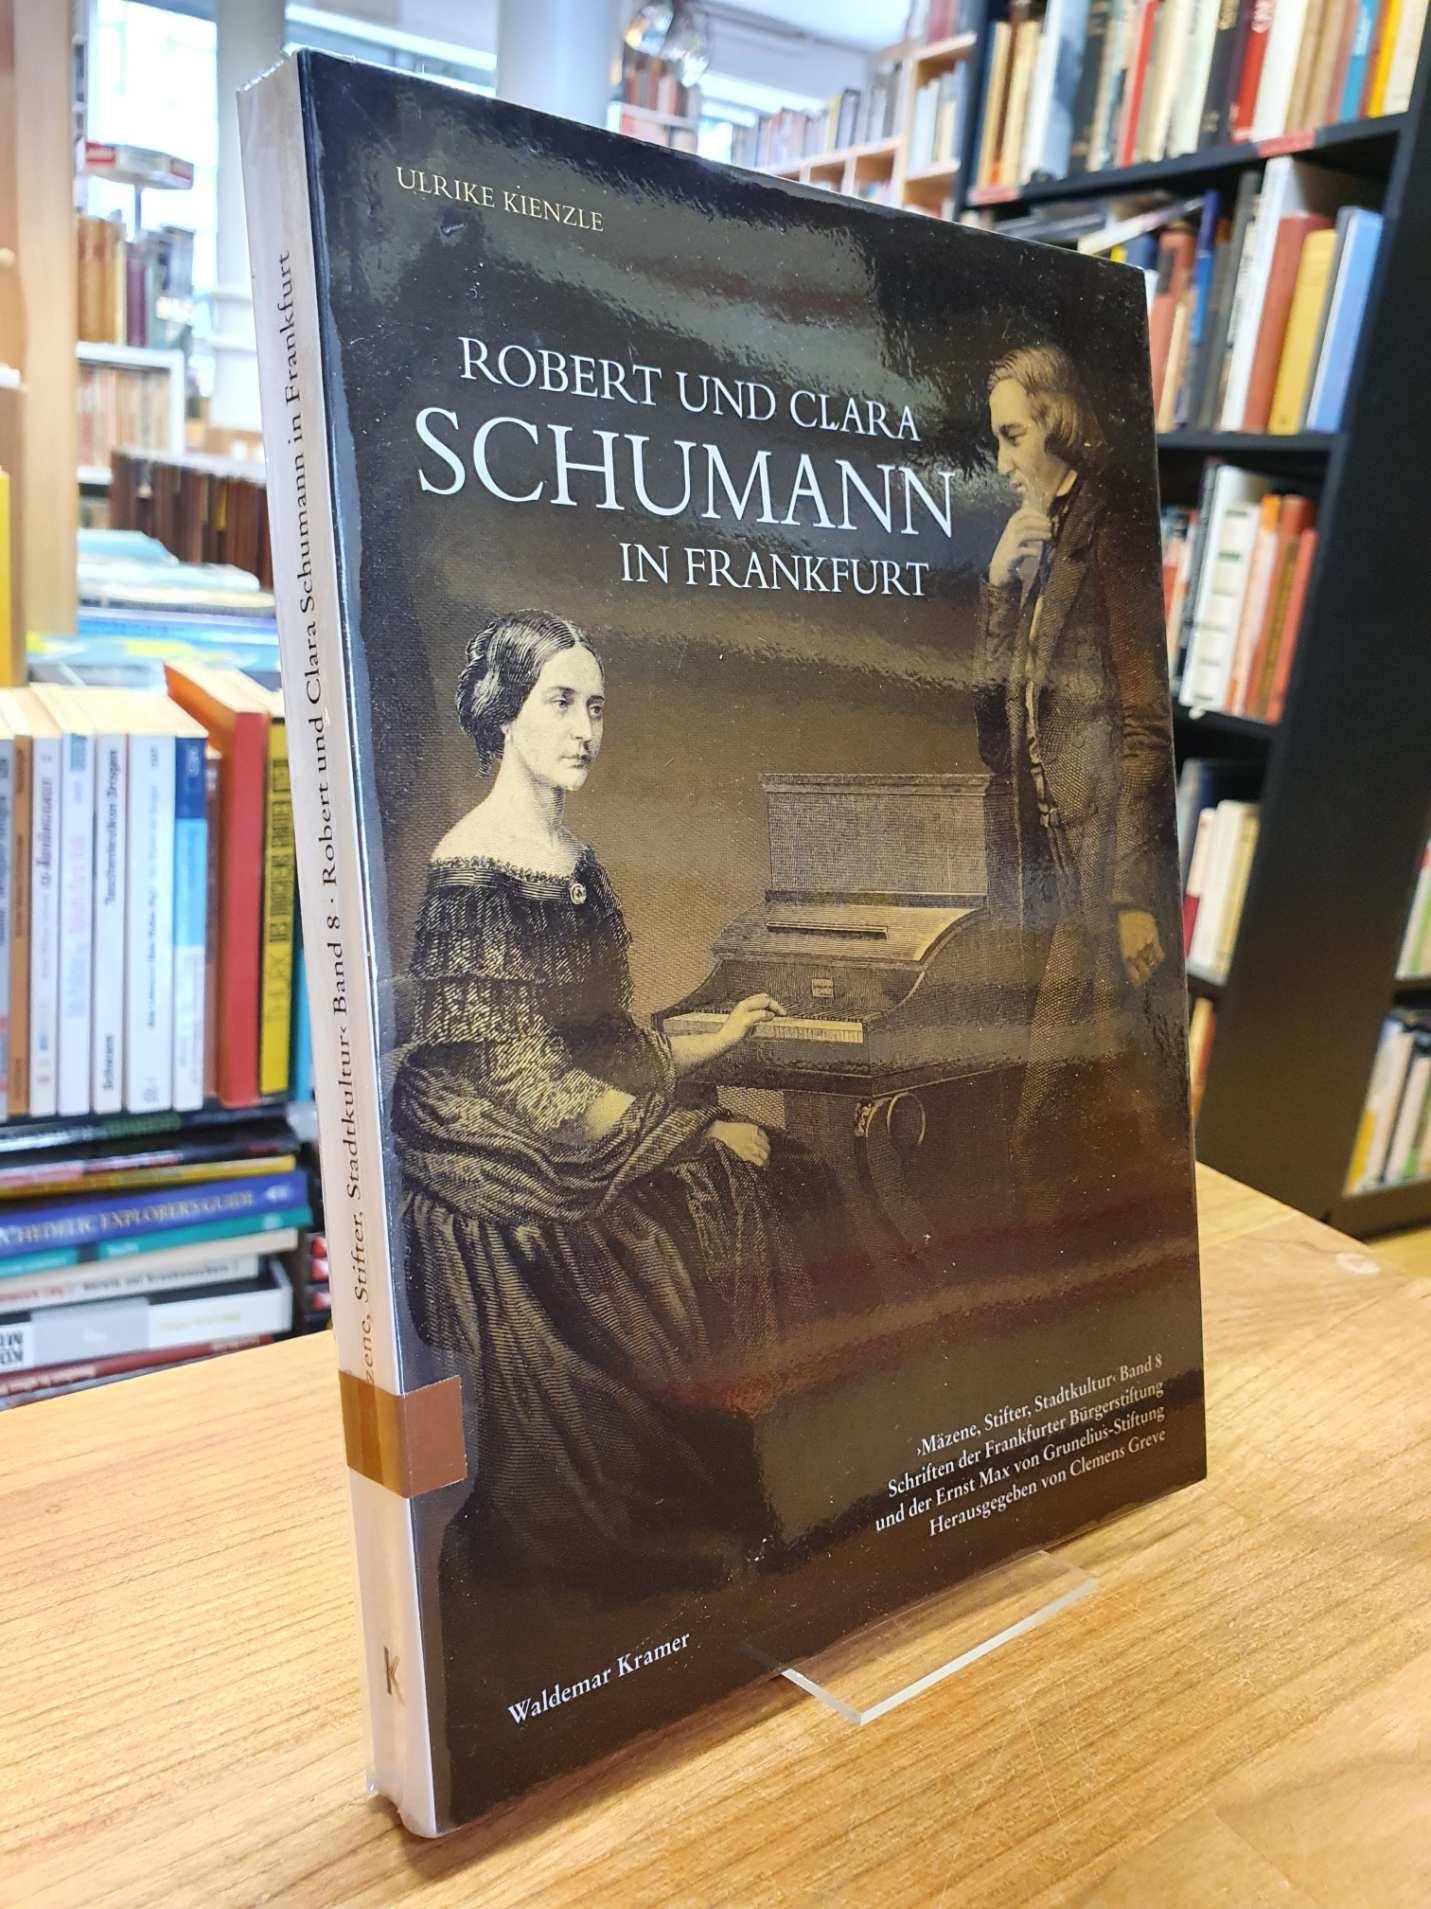 Robert und Clara Schumann in Frankfurt,